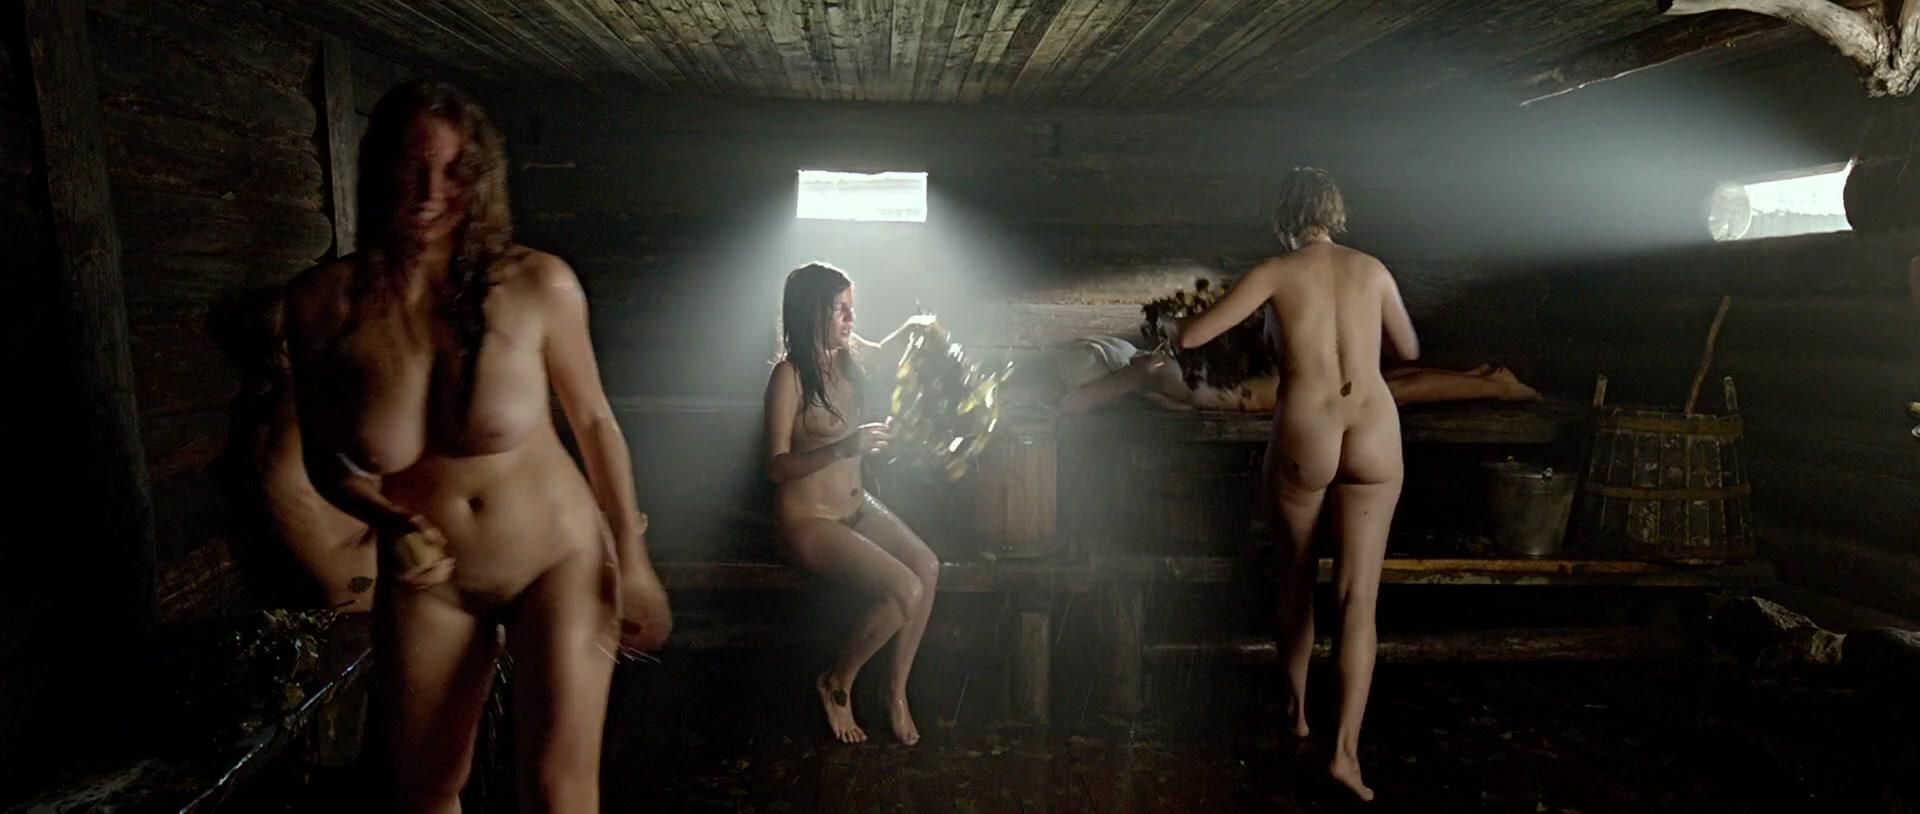 Porn Anastasiya Mikulchina nude photos 2019